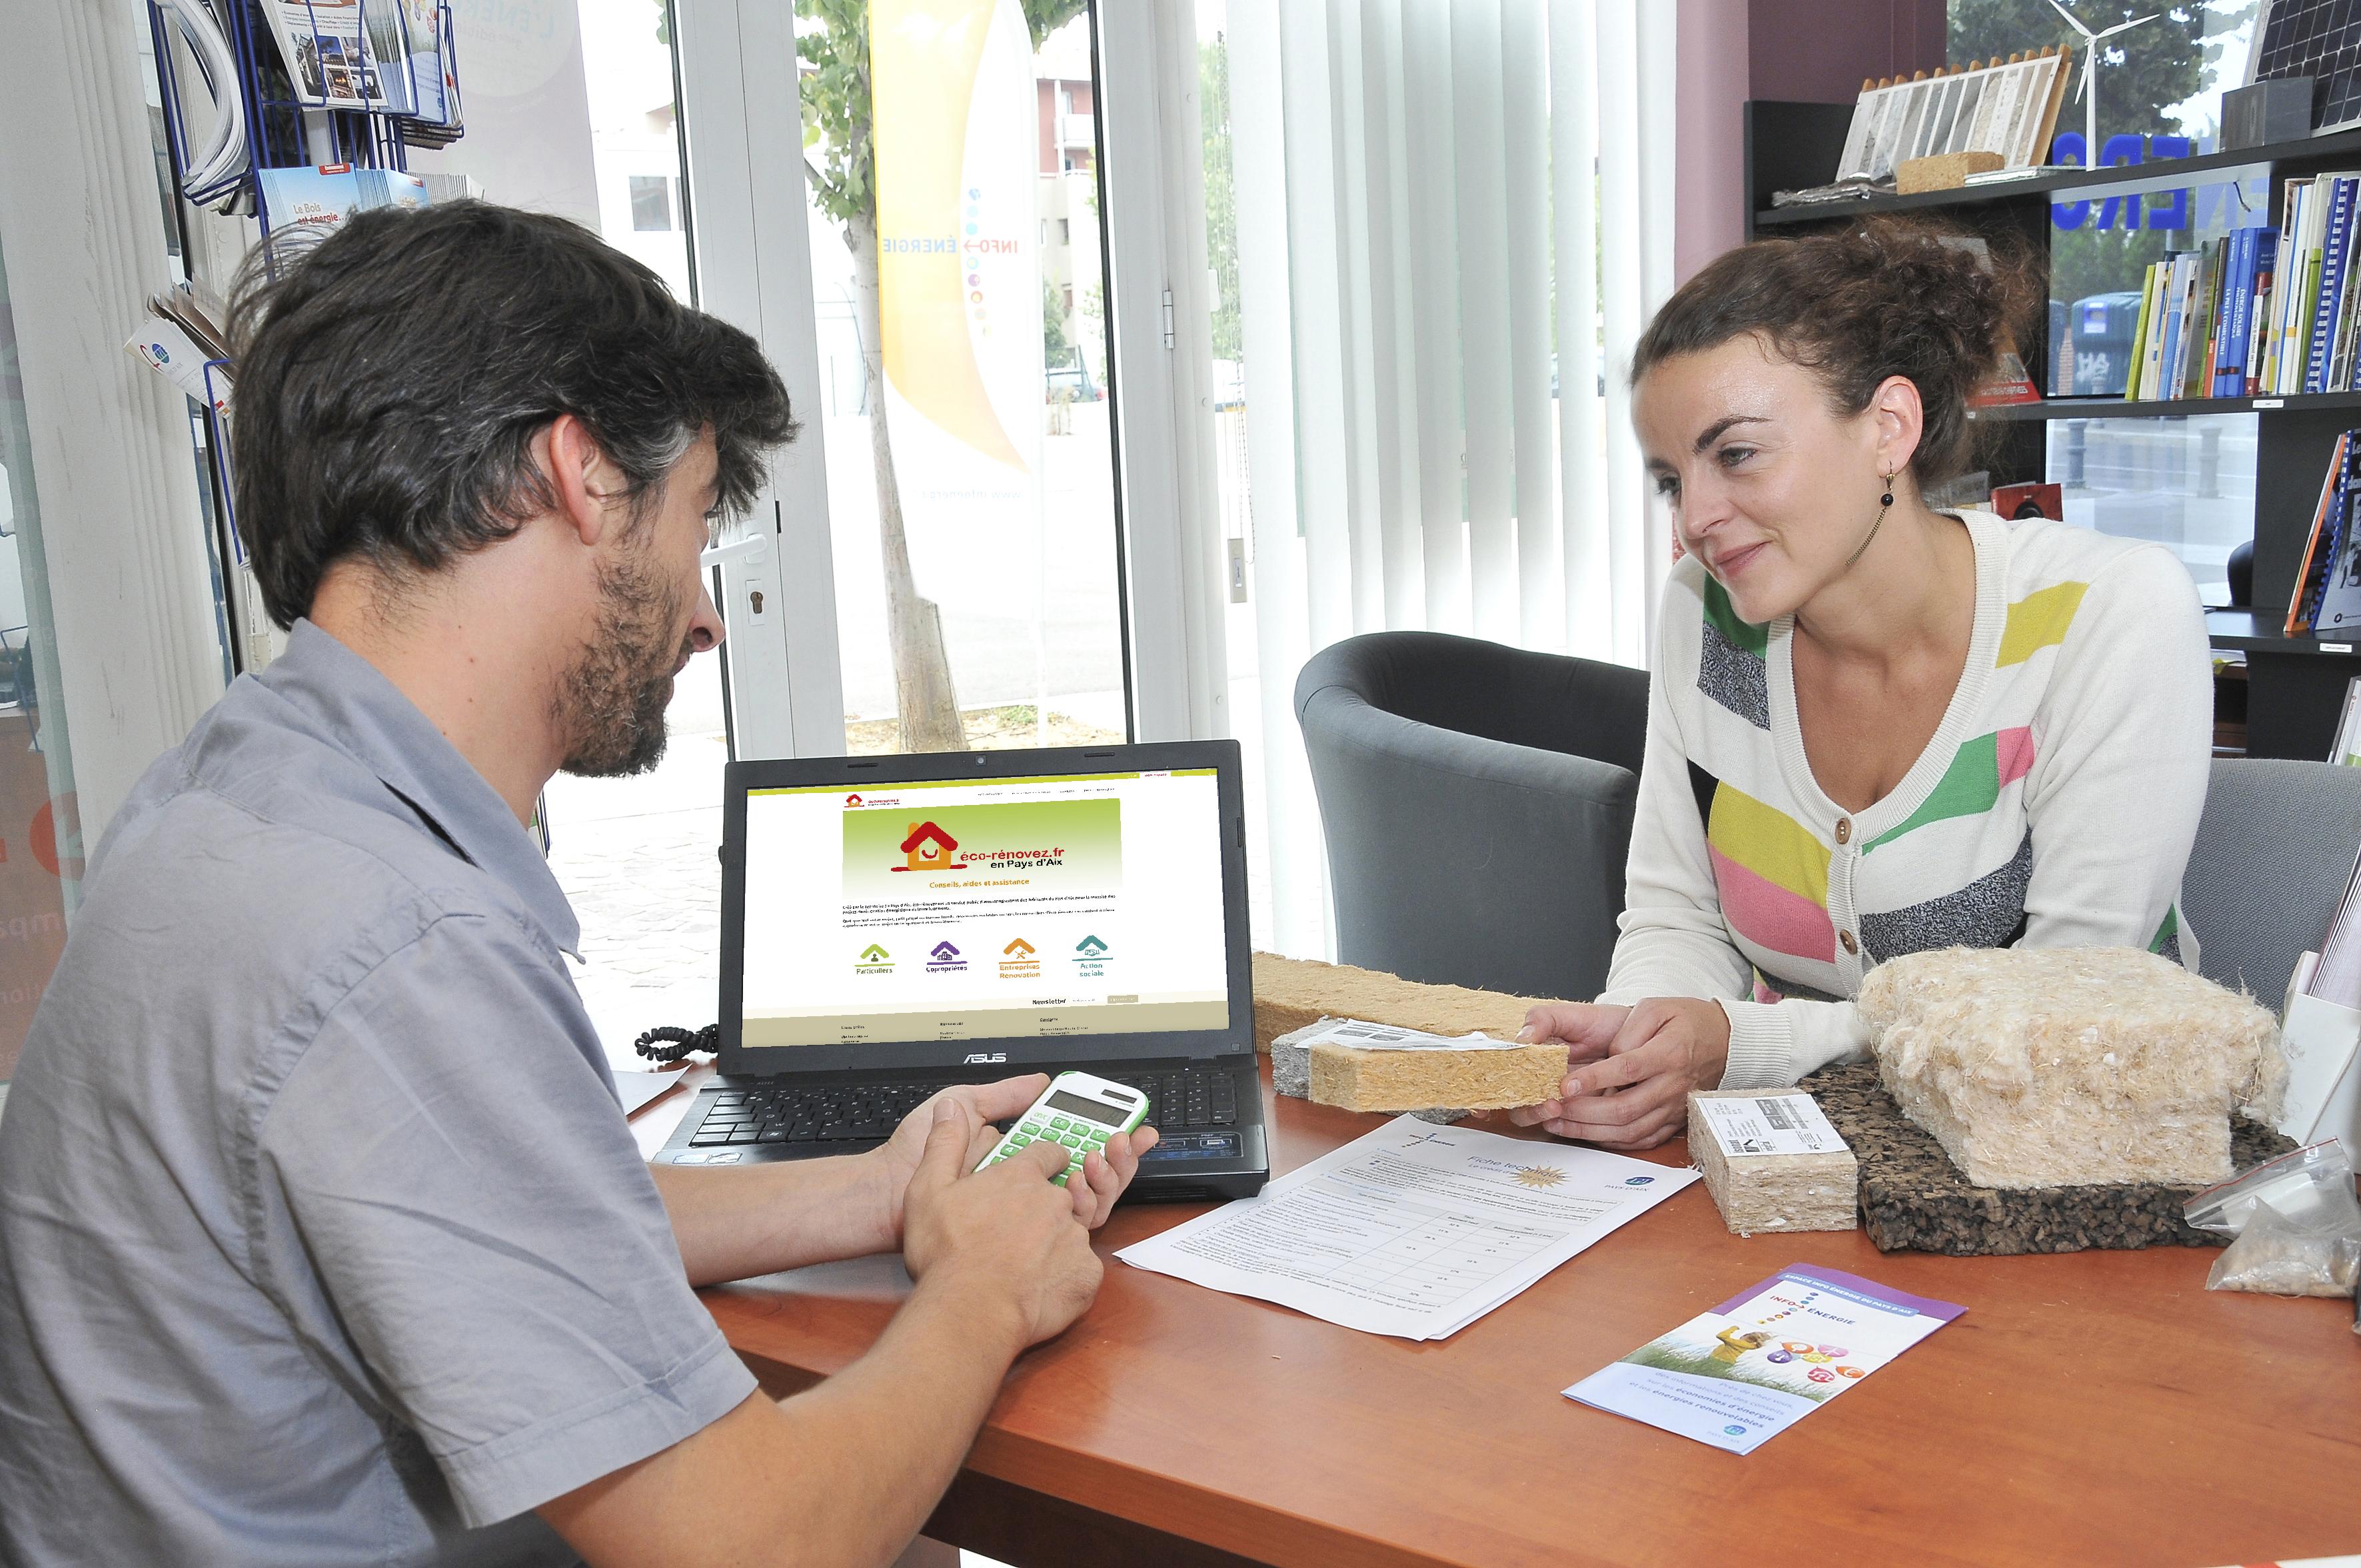 Conseiller-EIE-en-Rendez-vous-2012-Aix-en-Provence-13-©ADEME-JL-Abraini-_12-HD